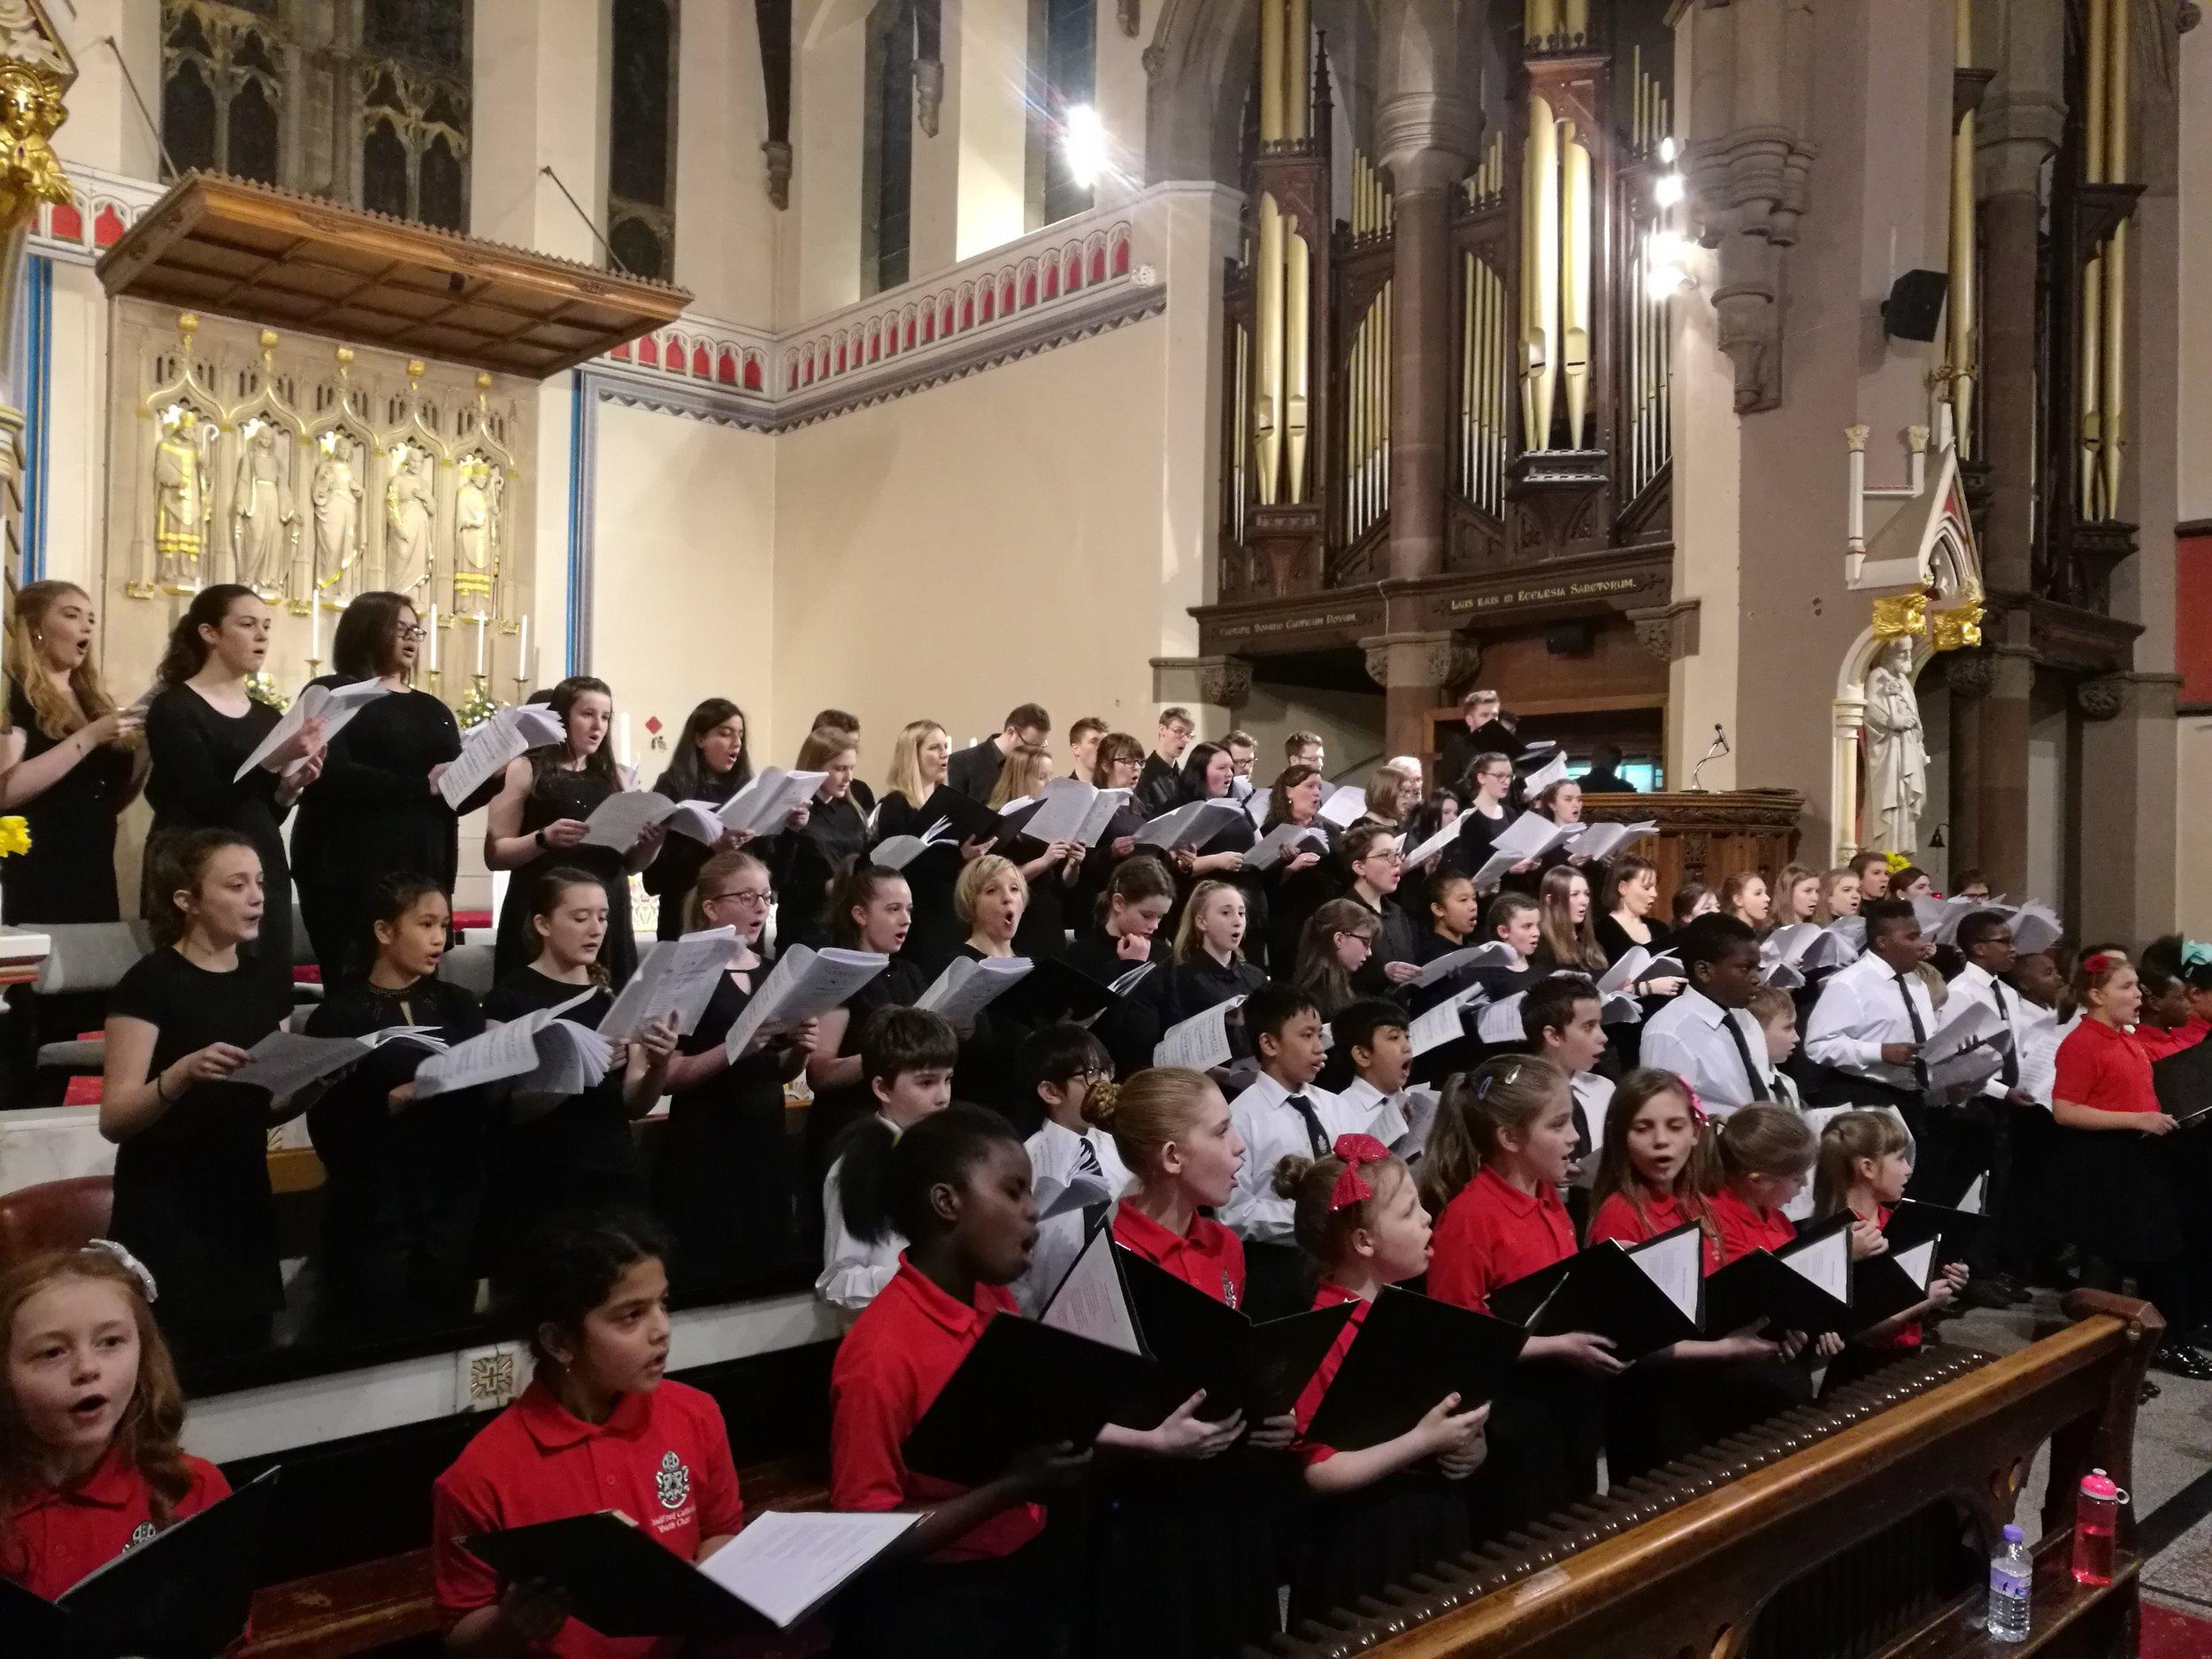 Catholic Choir